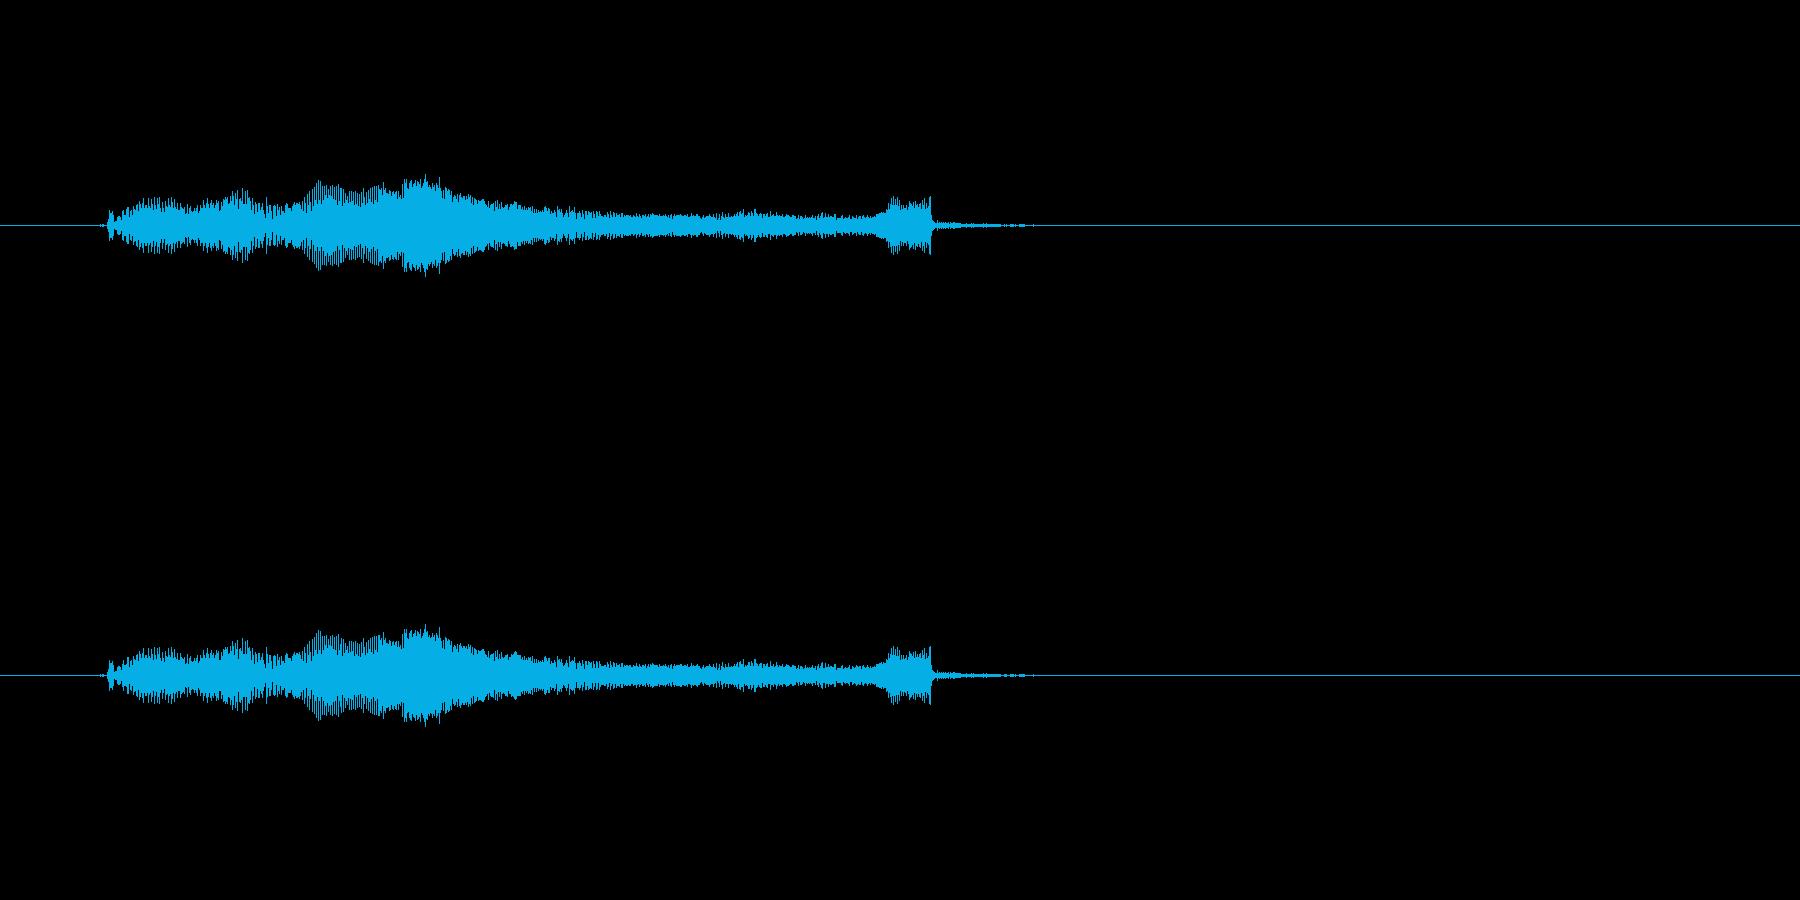 【生音】じじーーじ。長いチャック上げる音の再生済みの波形